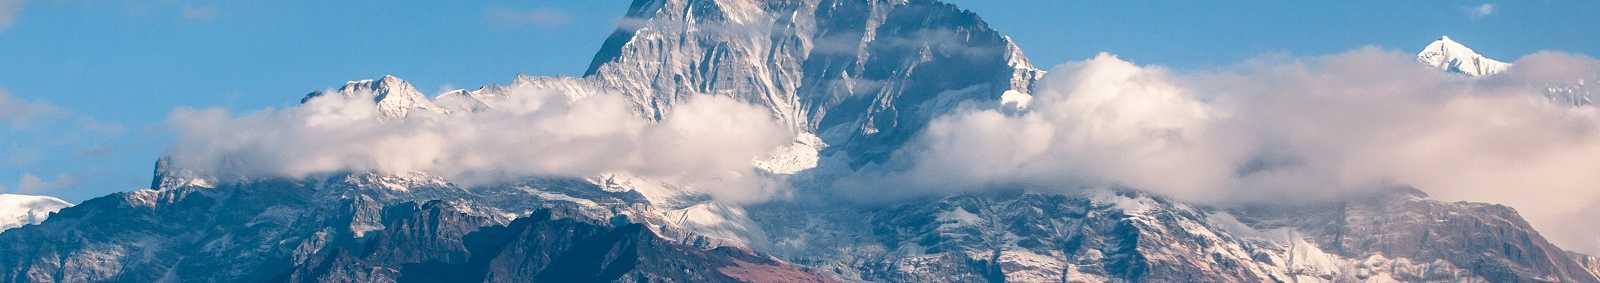 Machapuchare Mountain Peak in Nepal